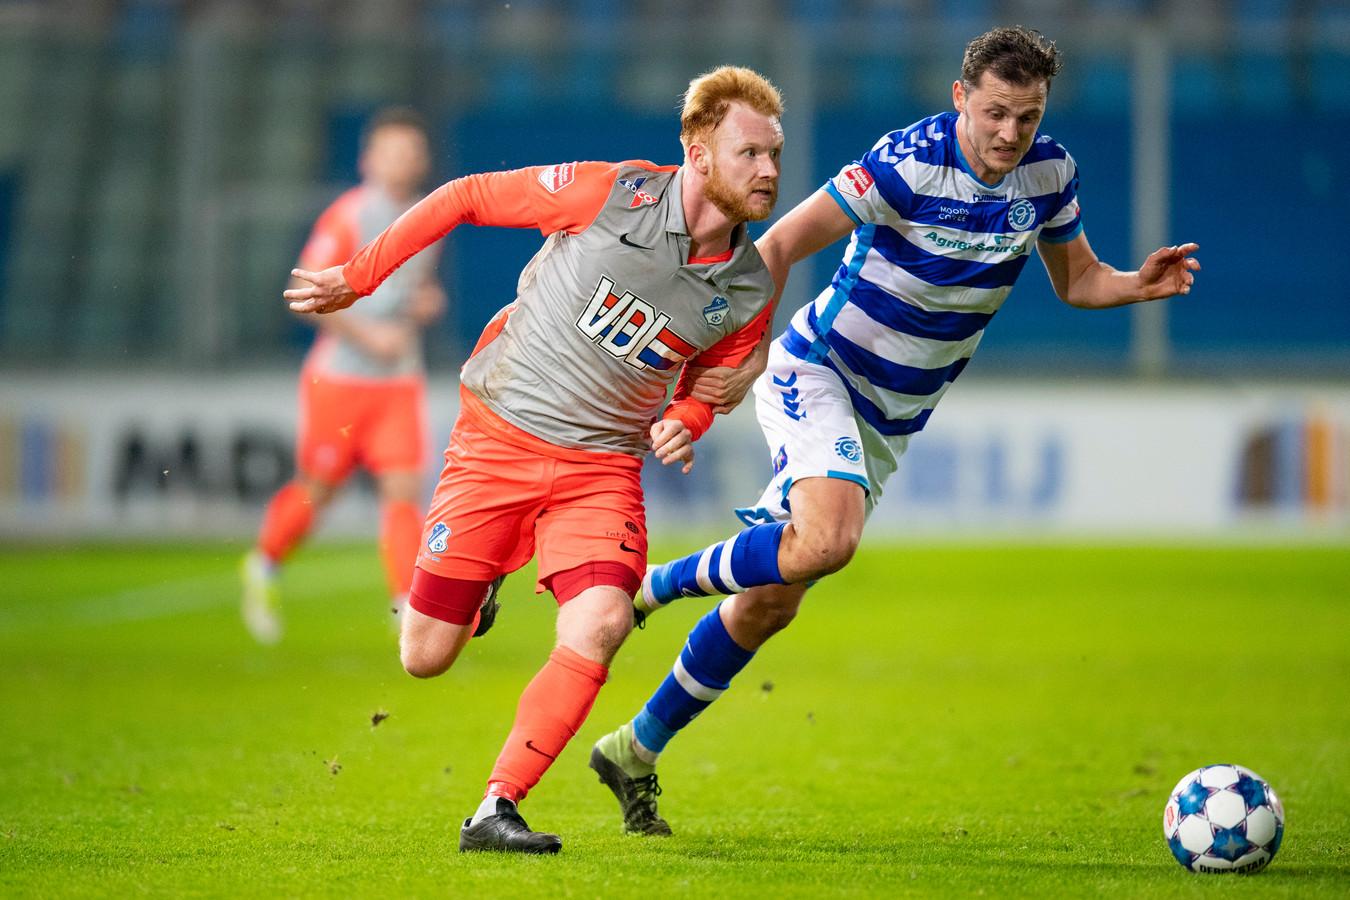 FC Eindhoven oefende vorig jaar ook in de voorbereiding tegen De Graafschap en verloor toen nipt met 1-0.